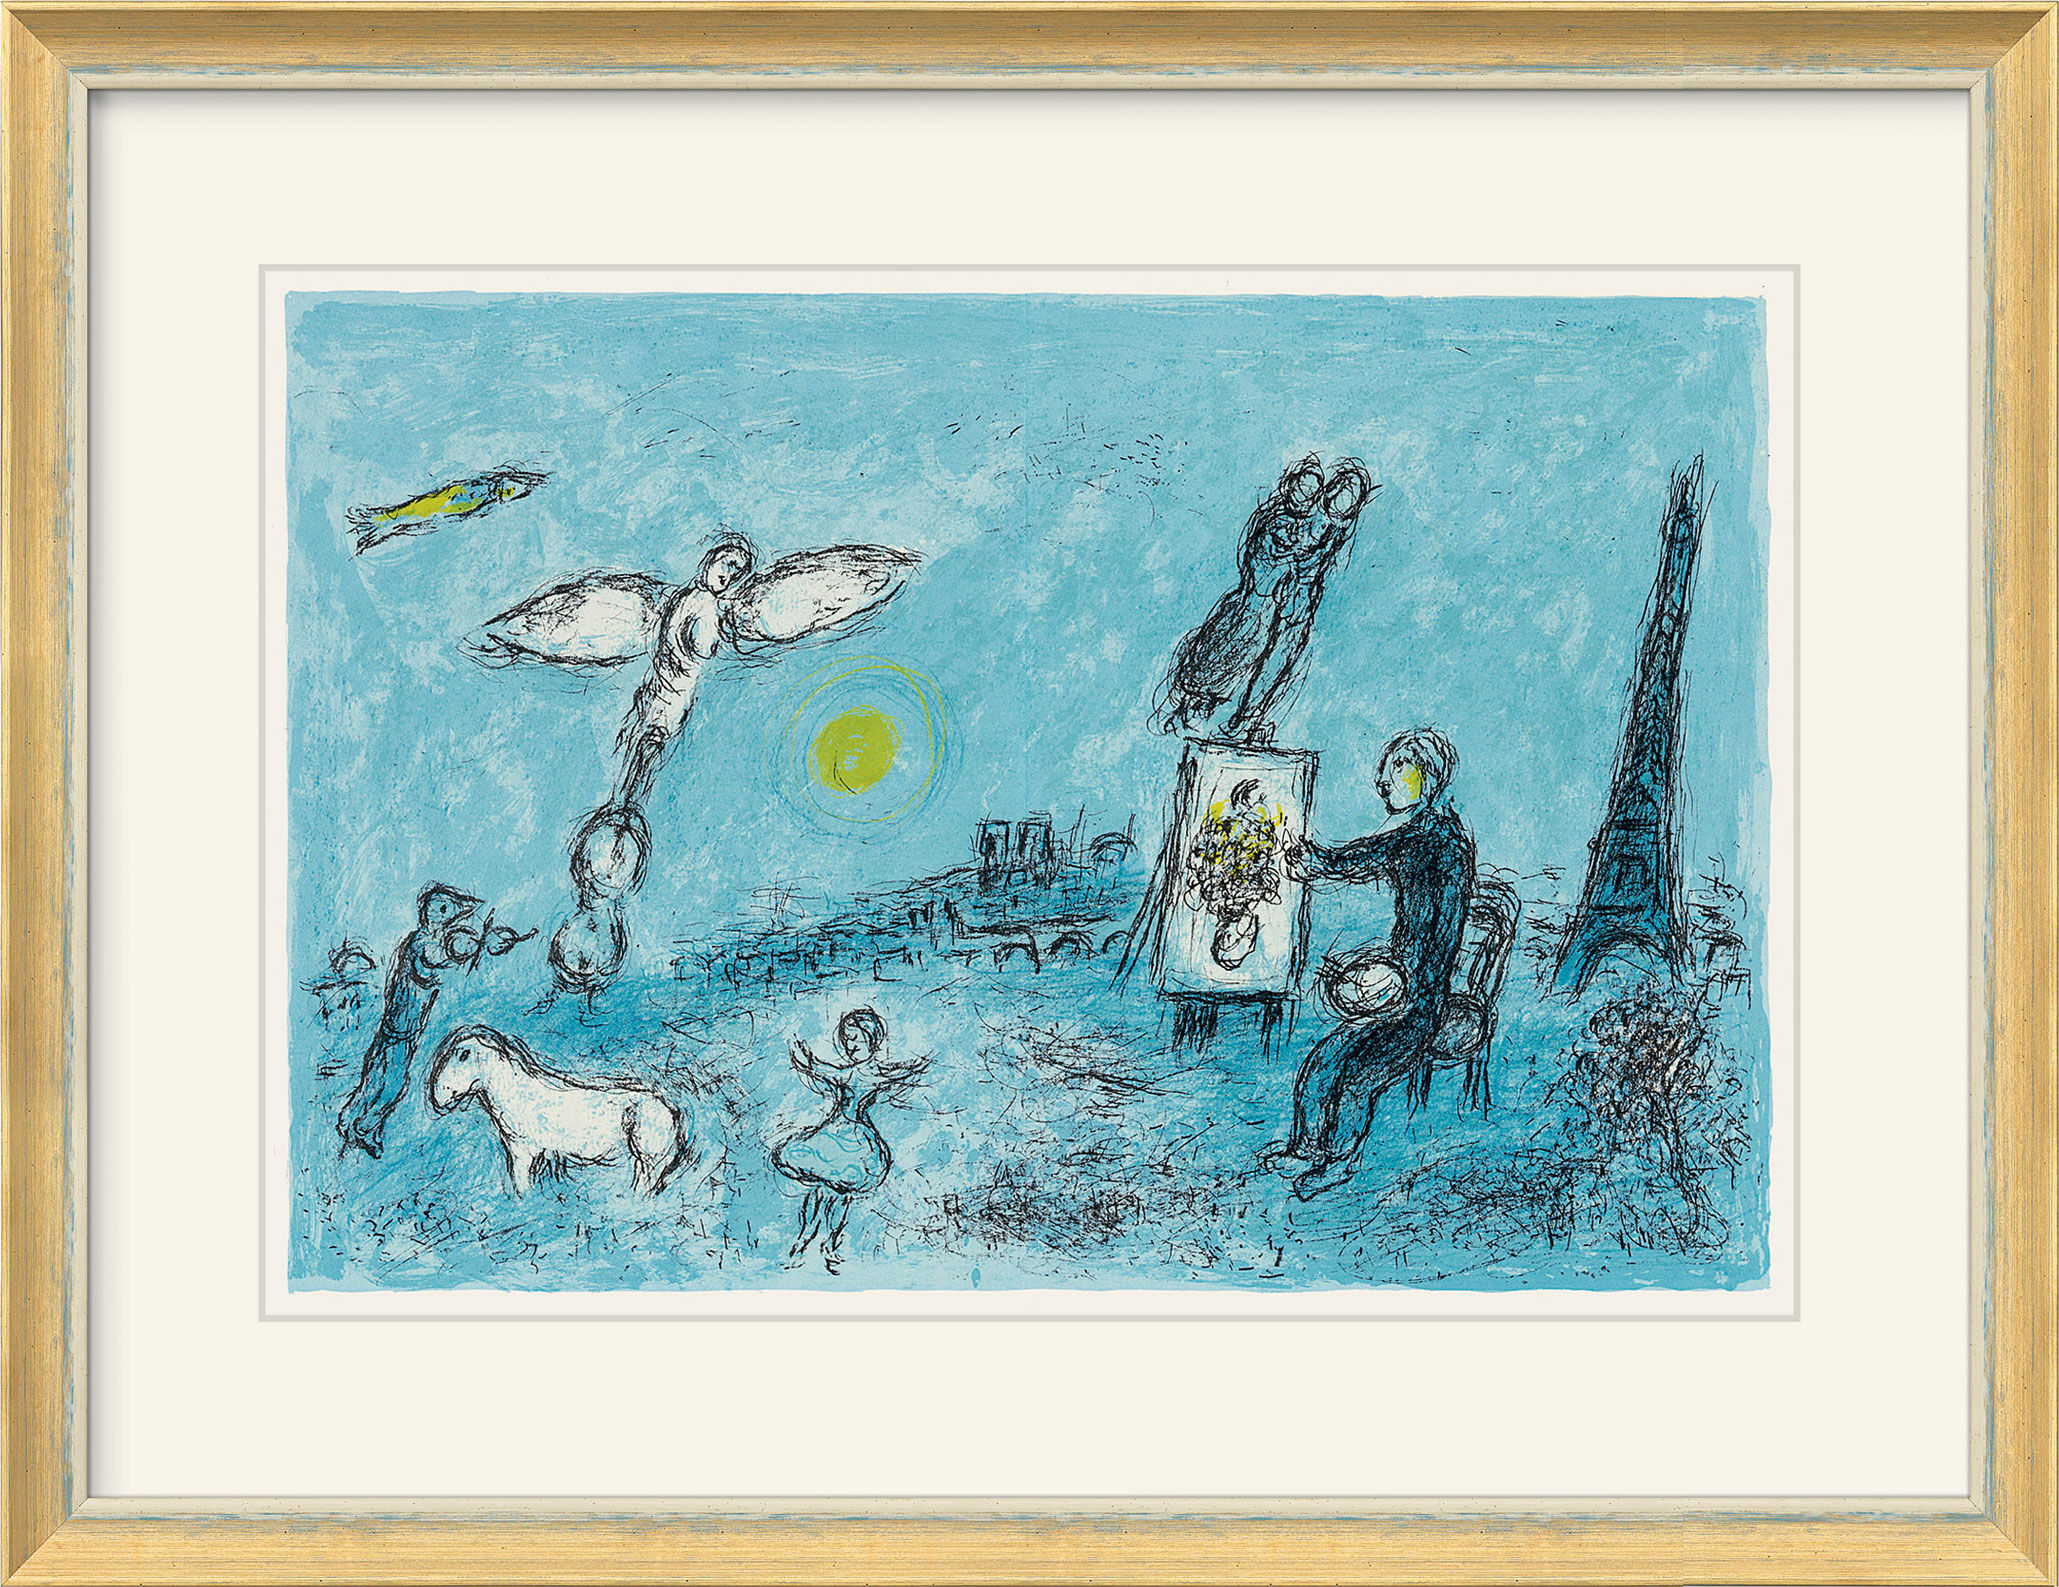 marc chagall bild der maler und sein abbild 1981 artes. Black Bedroom Furniture Sets. Home Design Ideas